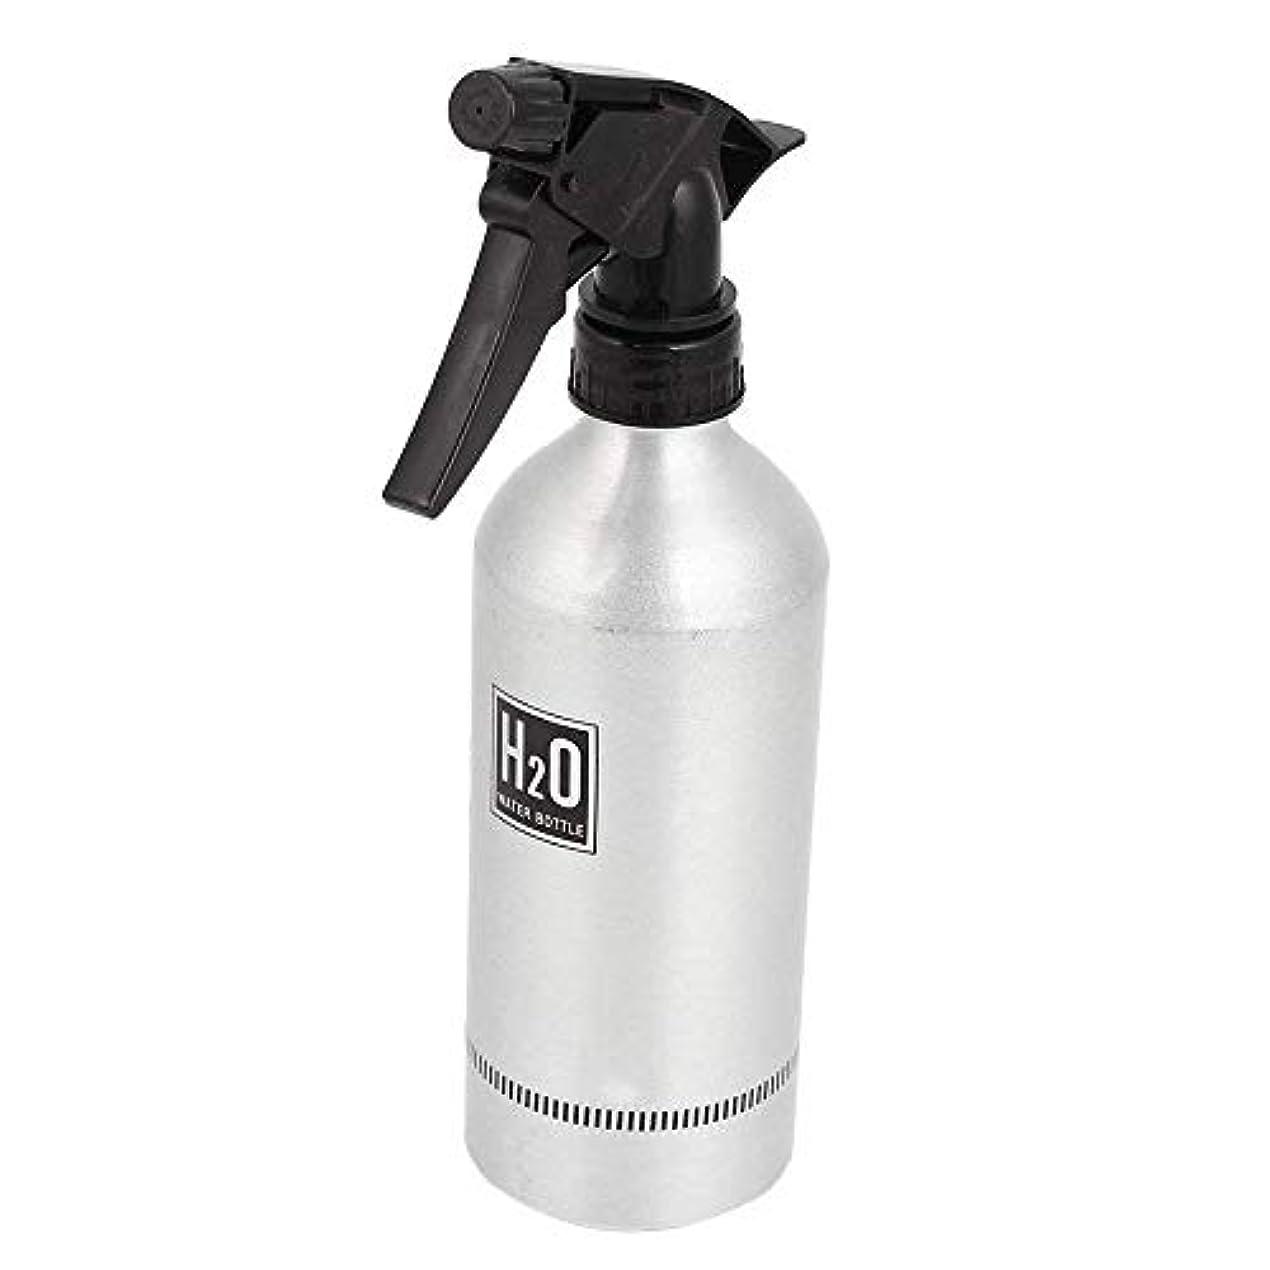 事実上エクステント満足Onior アルミ スプレー缶 水髪器 スプレー スプレーボトル 美容ツール サロン 理髪師 美容師 清潔 クリーニング 500ミリリットル